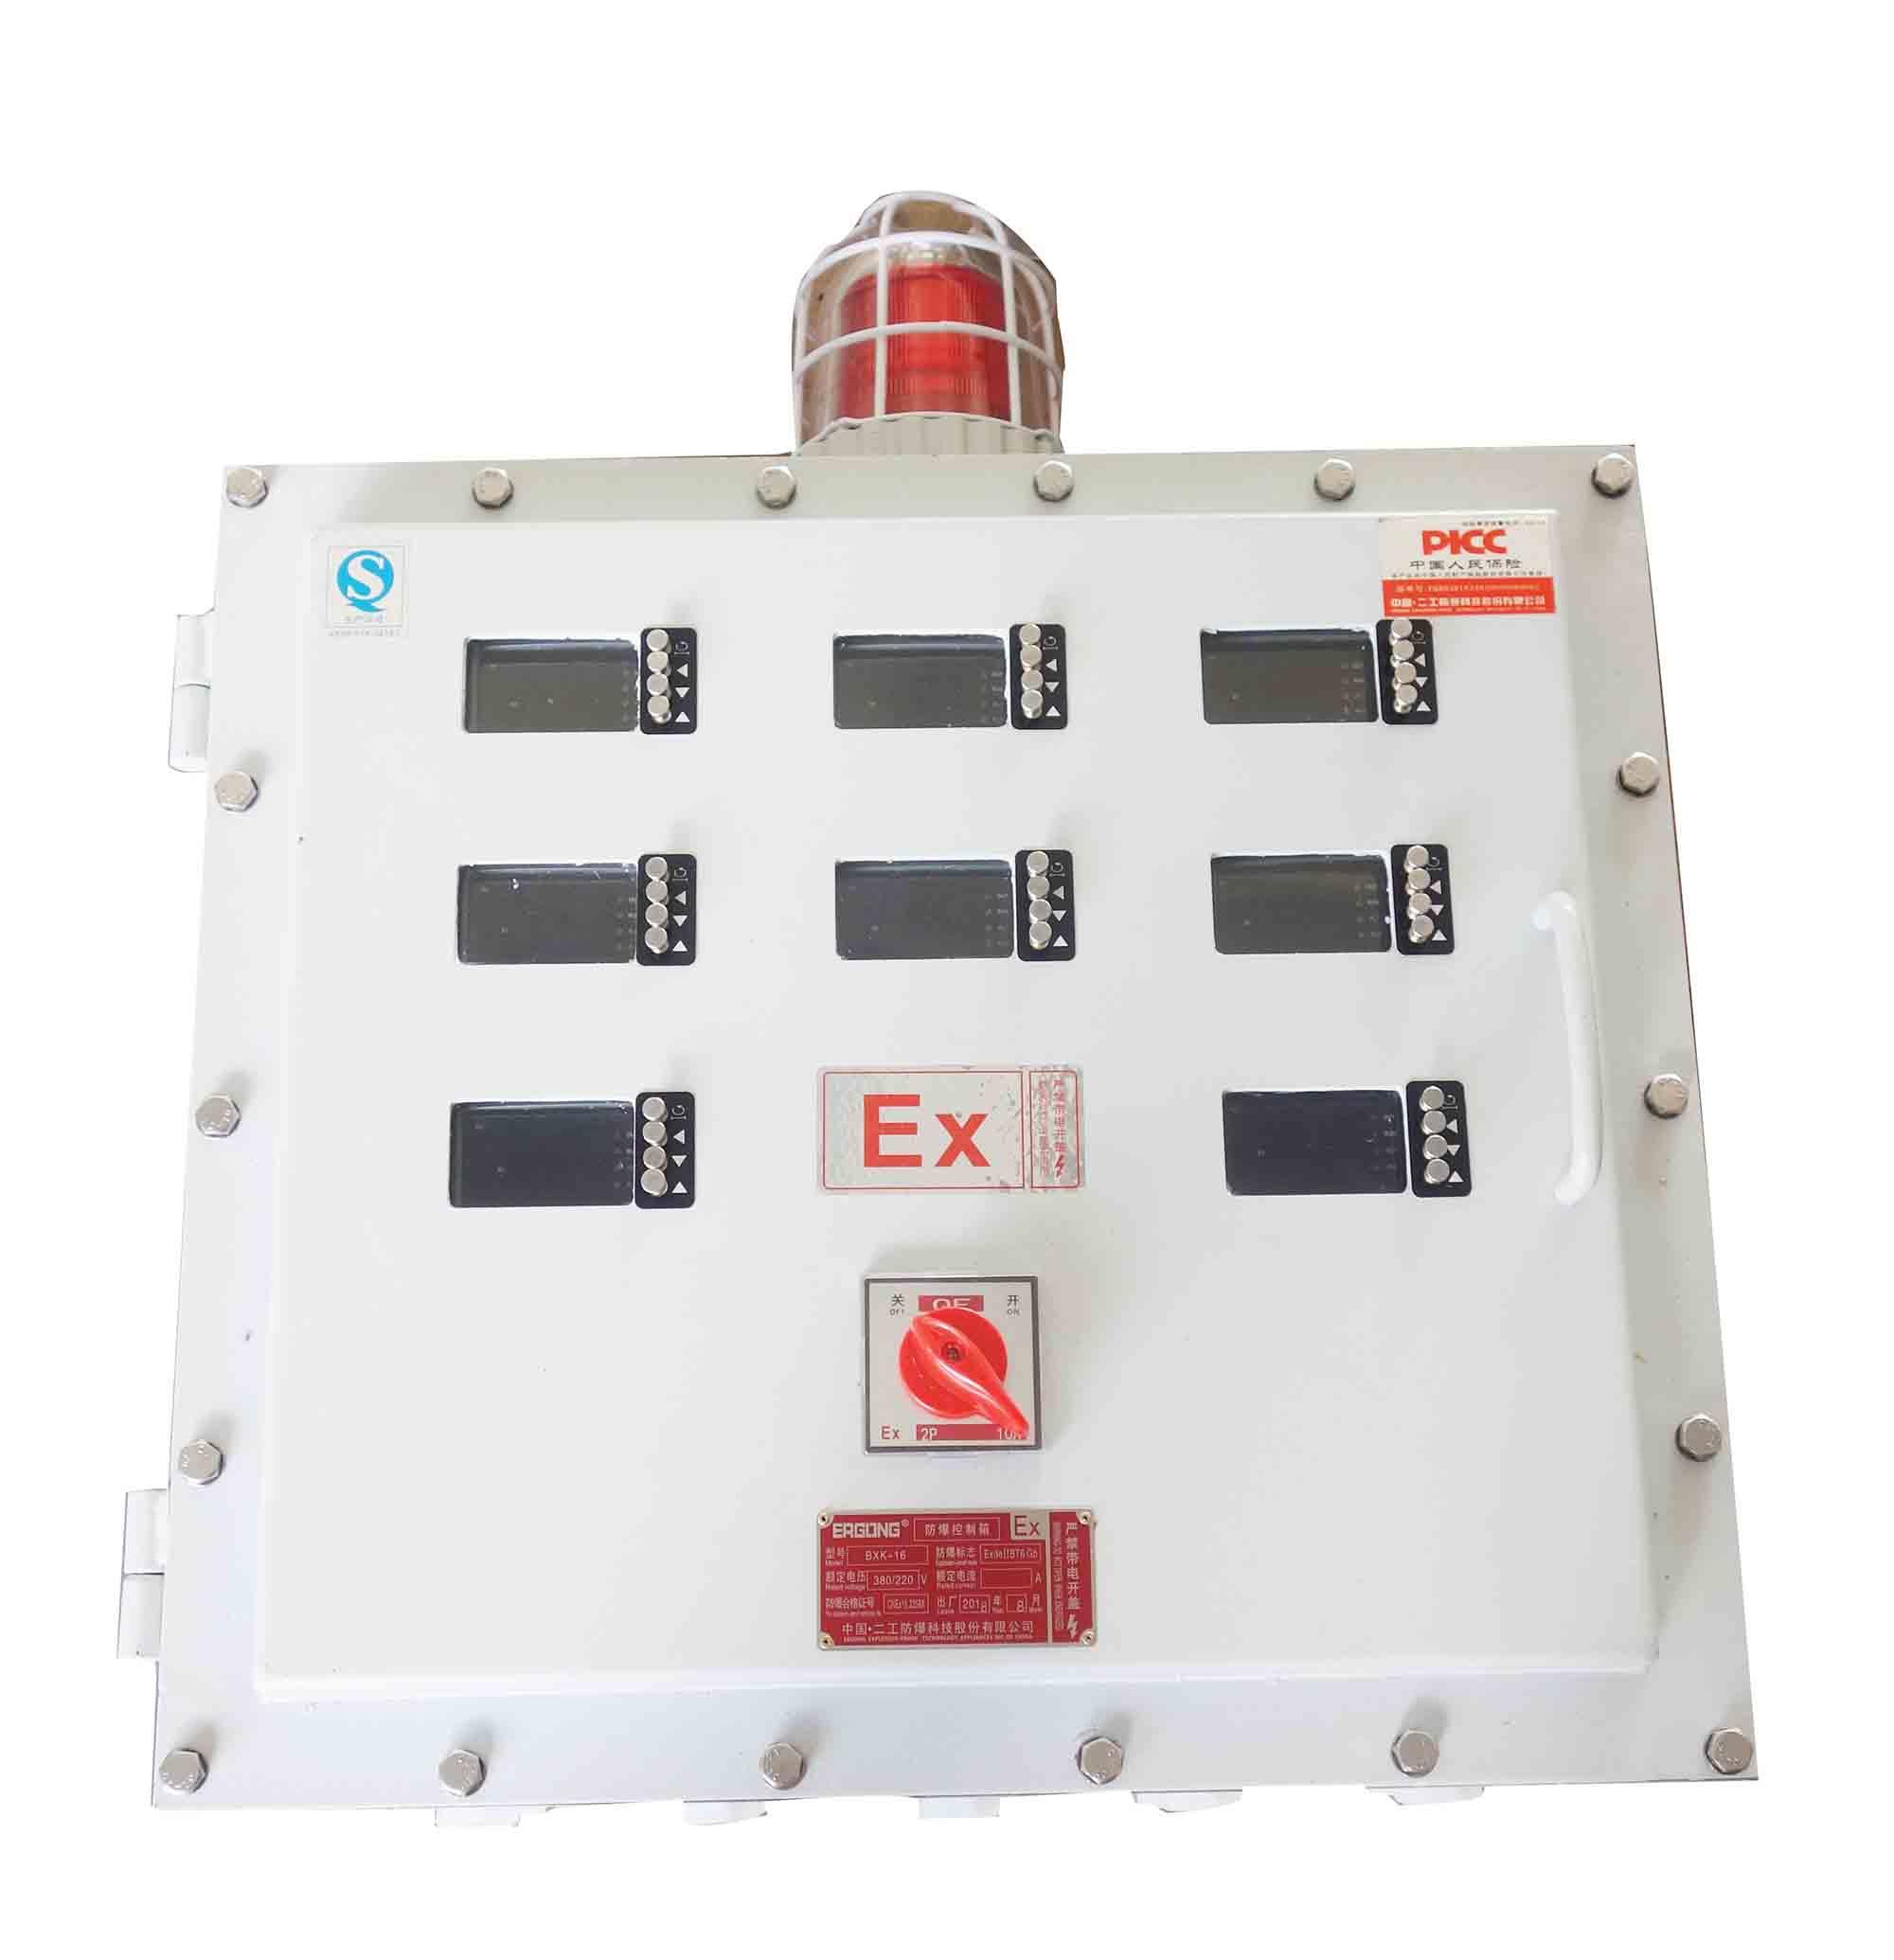 防爆儀表箱內裝防爆電流表電壓表